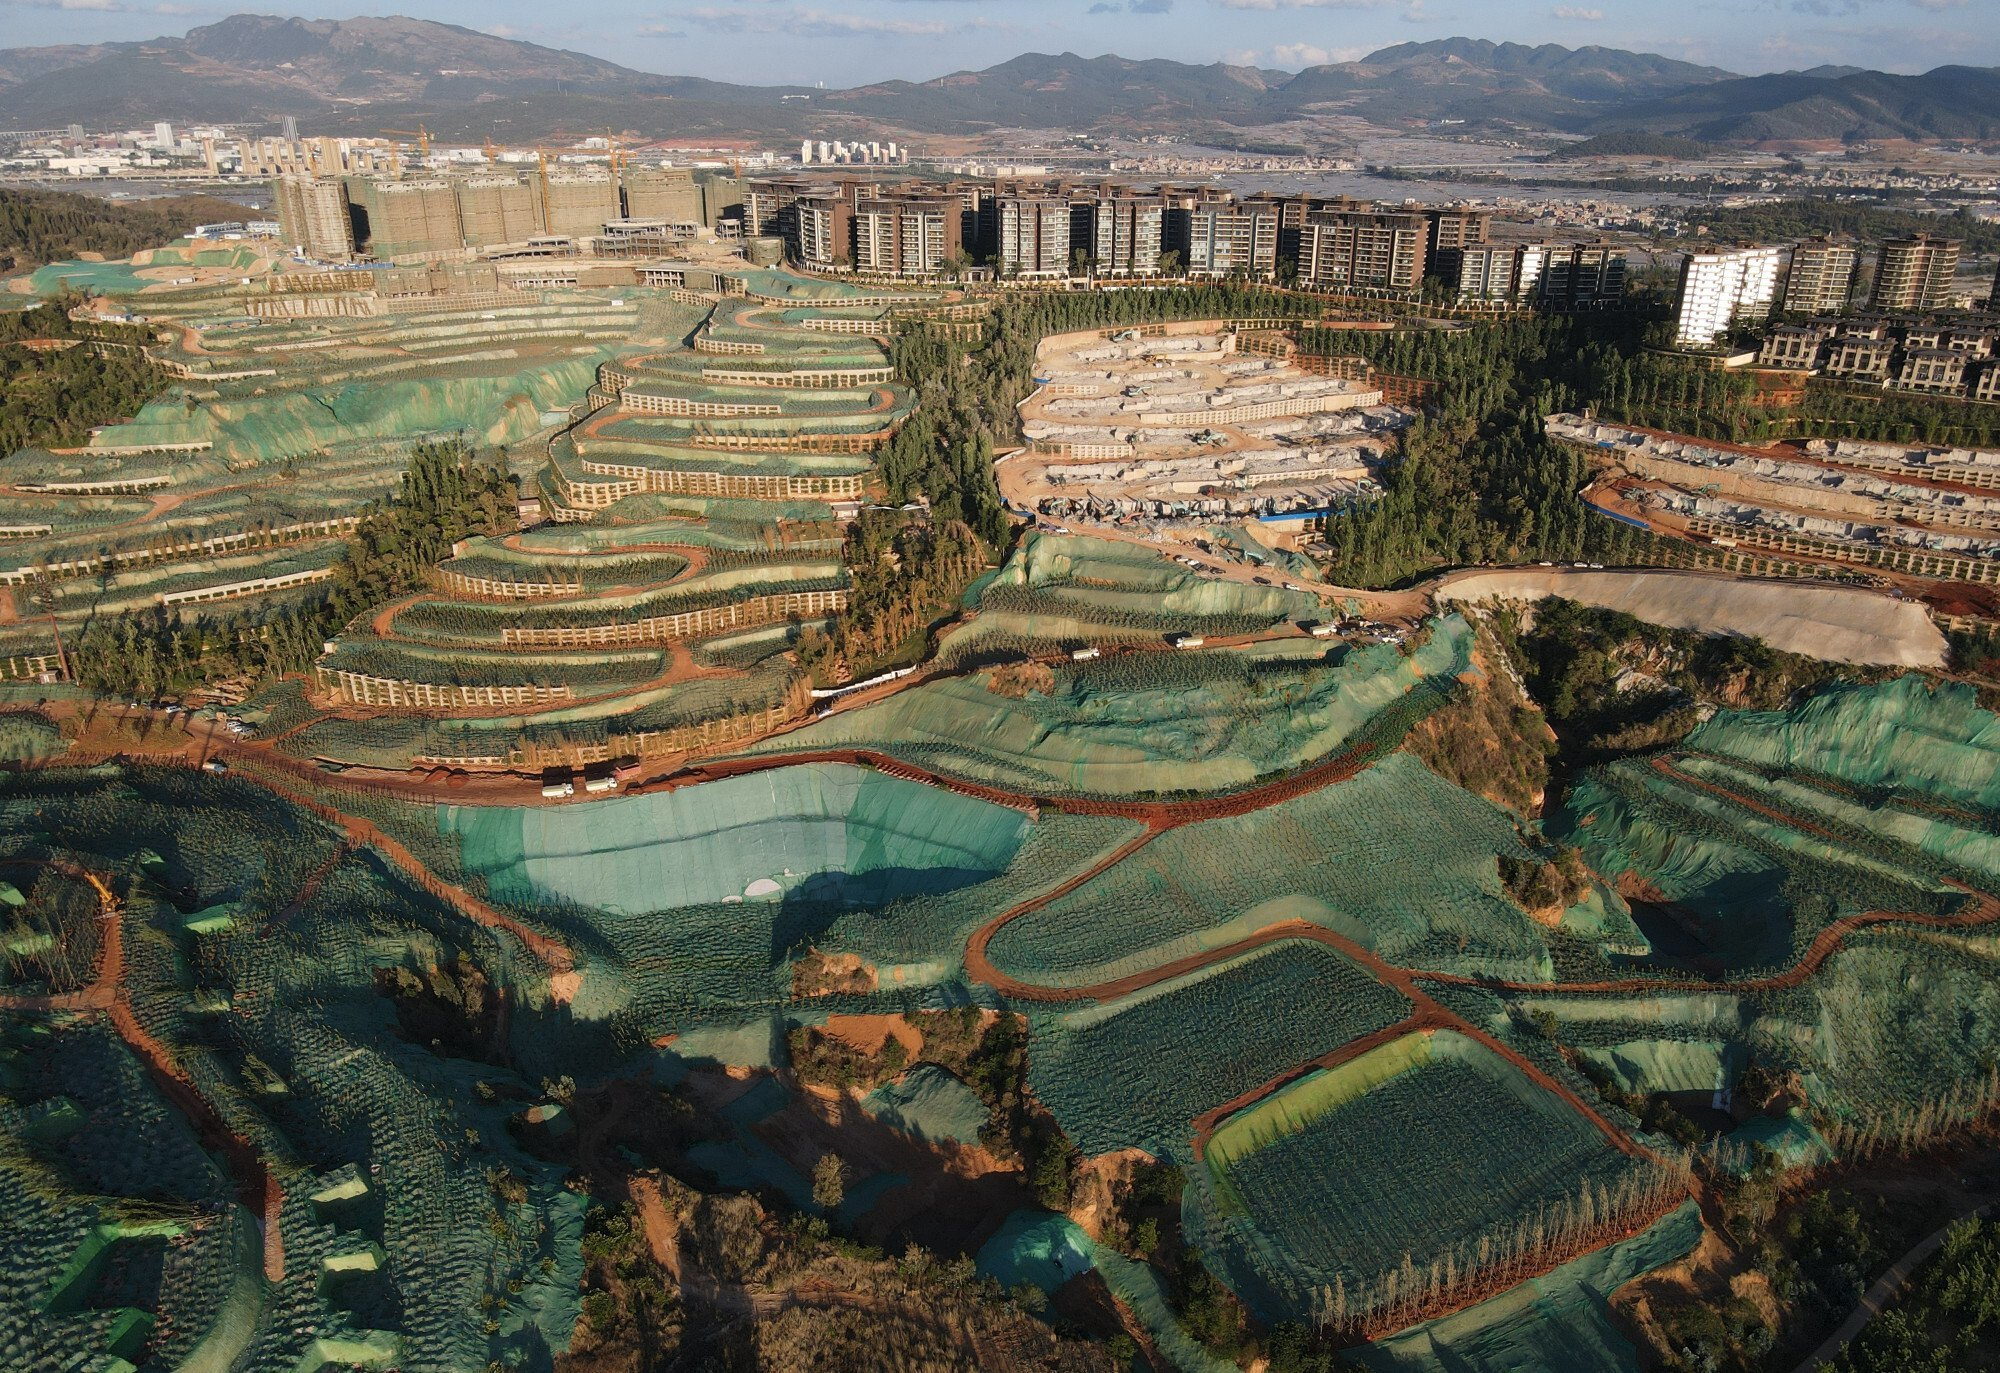 Choáng ngợp với gần nghìn khối bê tông trái phép sừng sững mọc trên núi